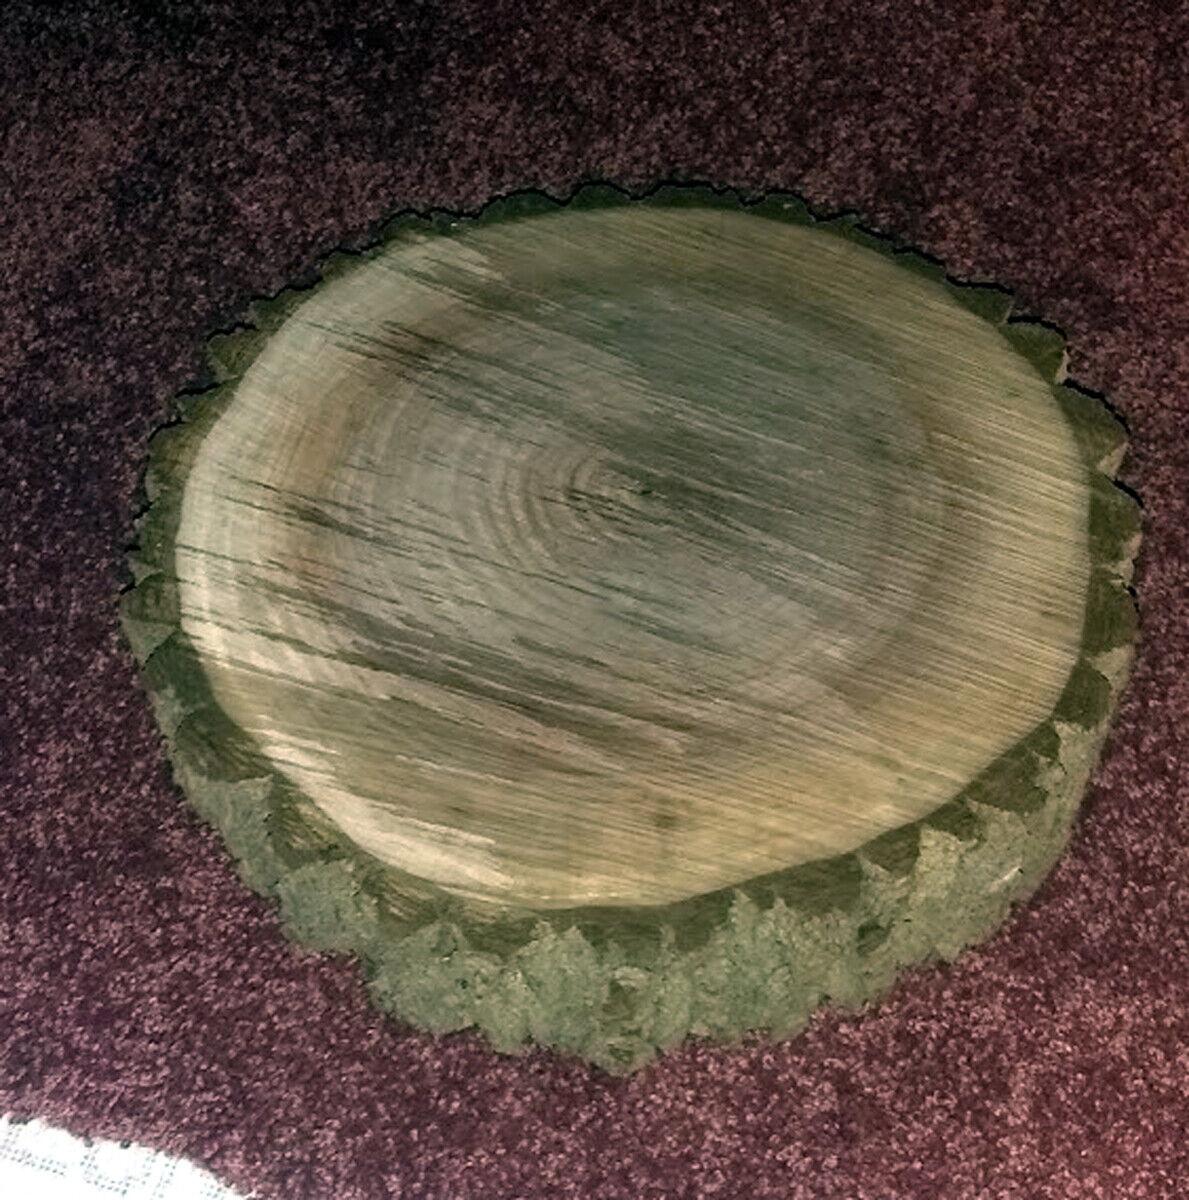 Black Walnut Live Edge Round 10 Diameter 3.5 THICK - Plaque, Clock, Etc. - $25.00